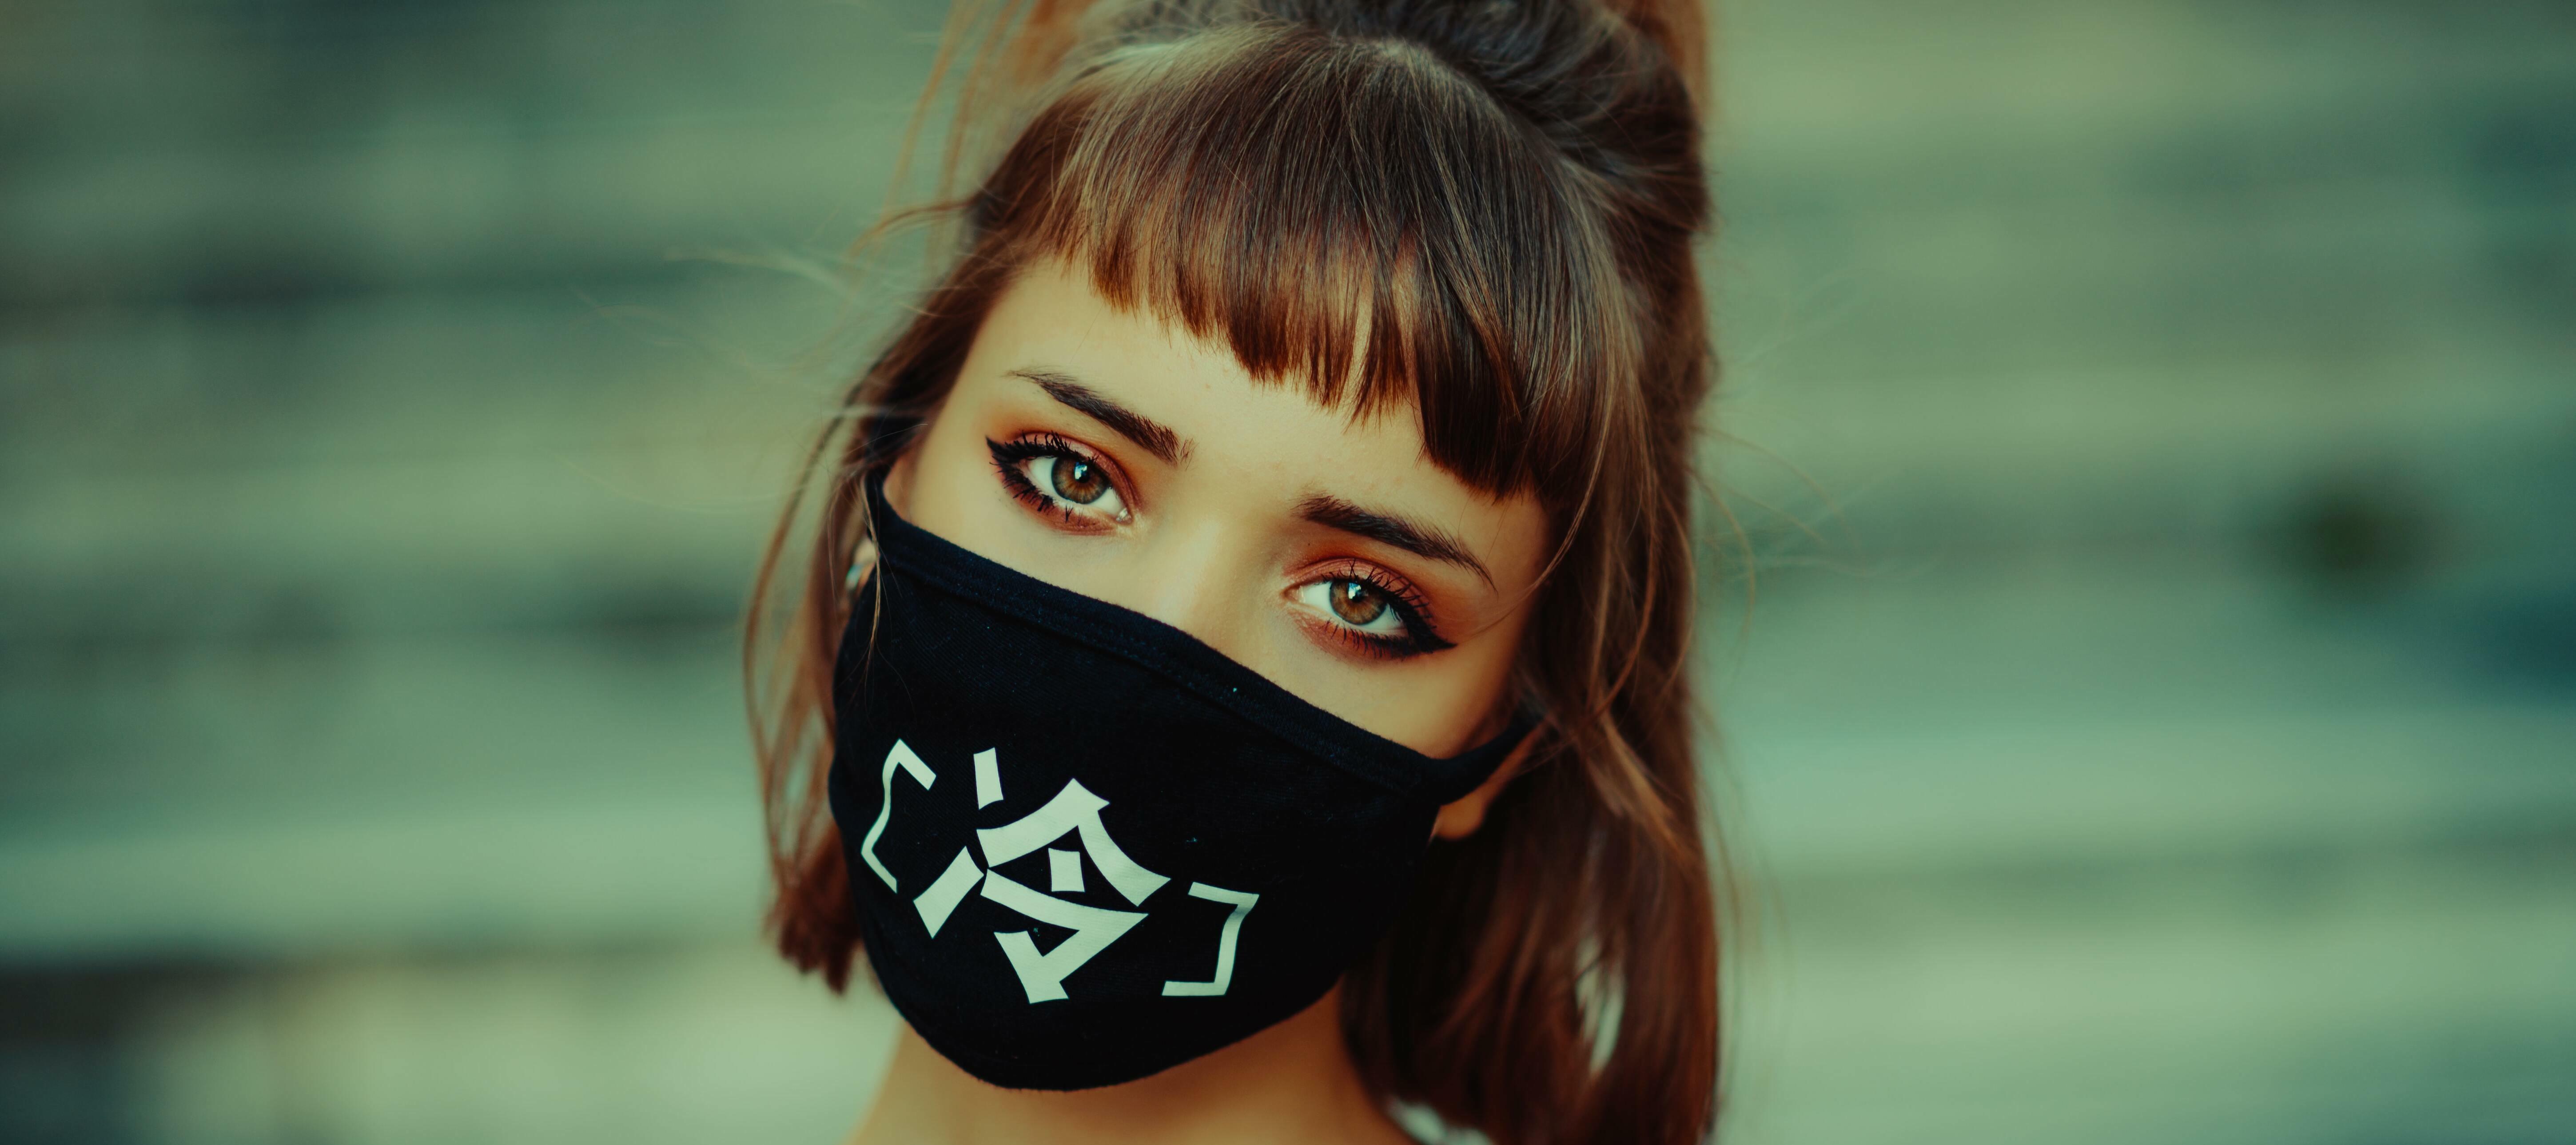 Zeigt her die Masken... Ohhhh wenn ich mir das so anschaue komme ich auf eine Idee... ;)